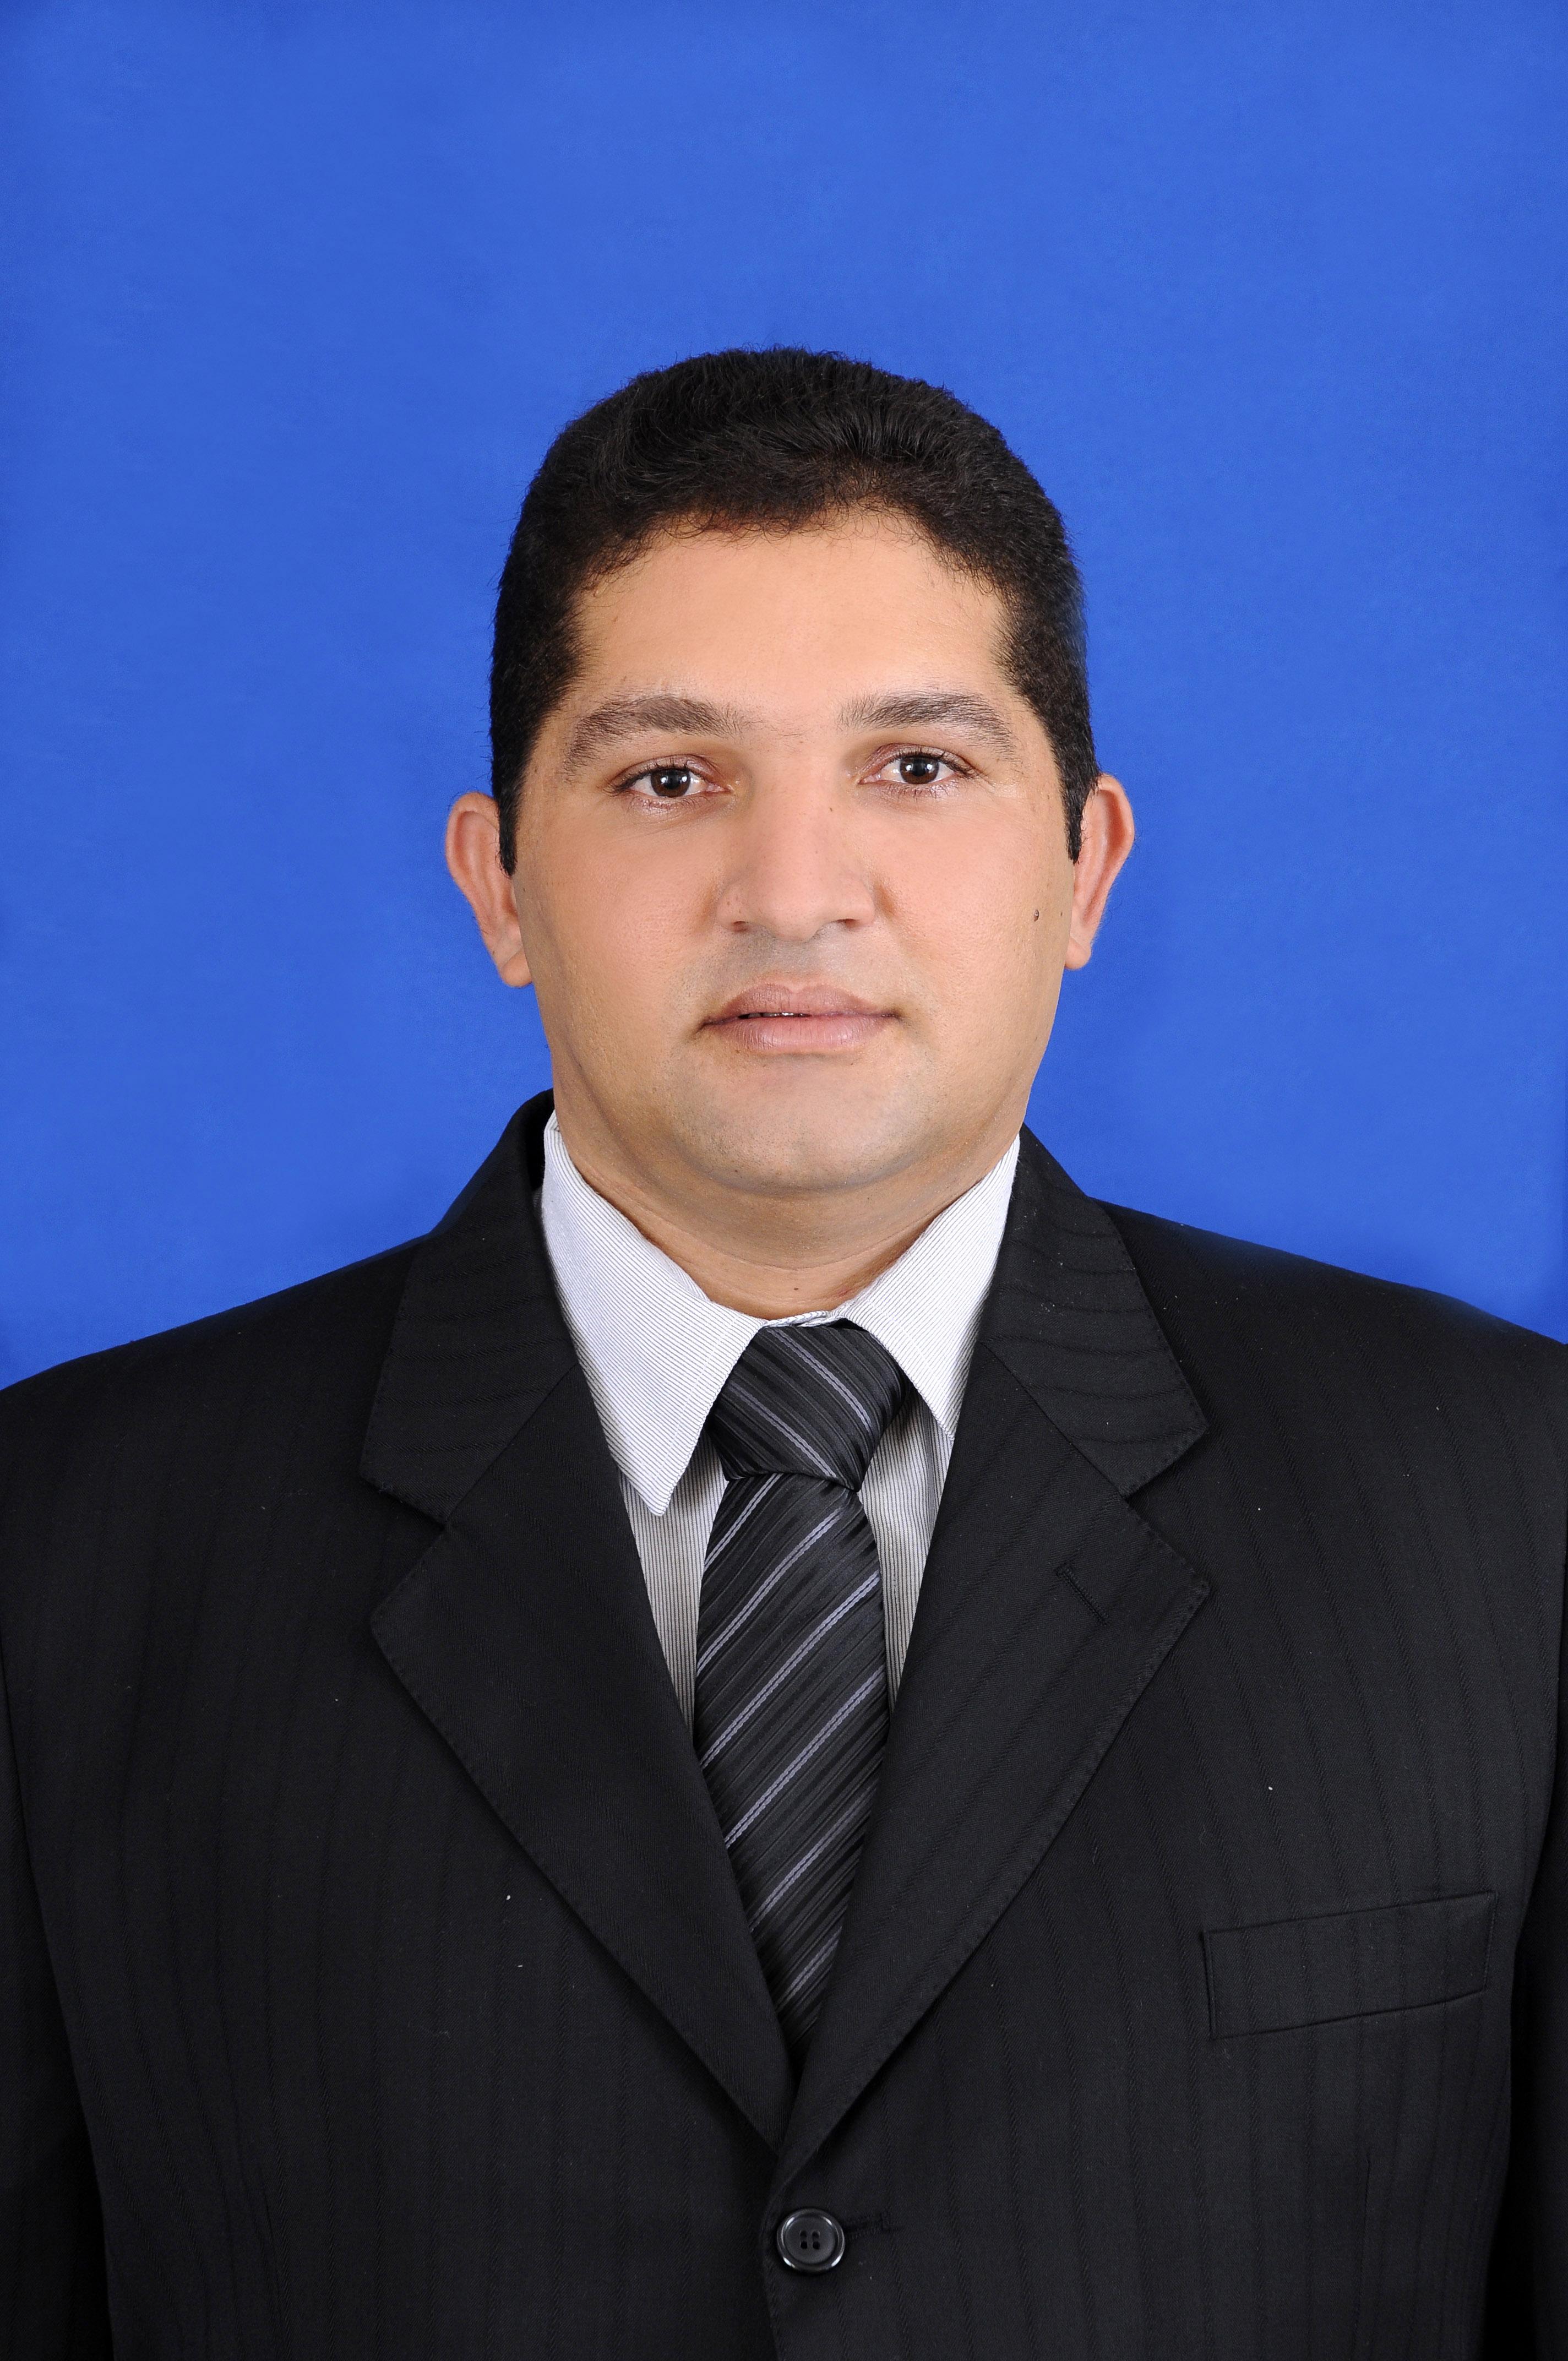 José Nailson de Freitas